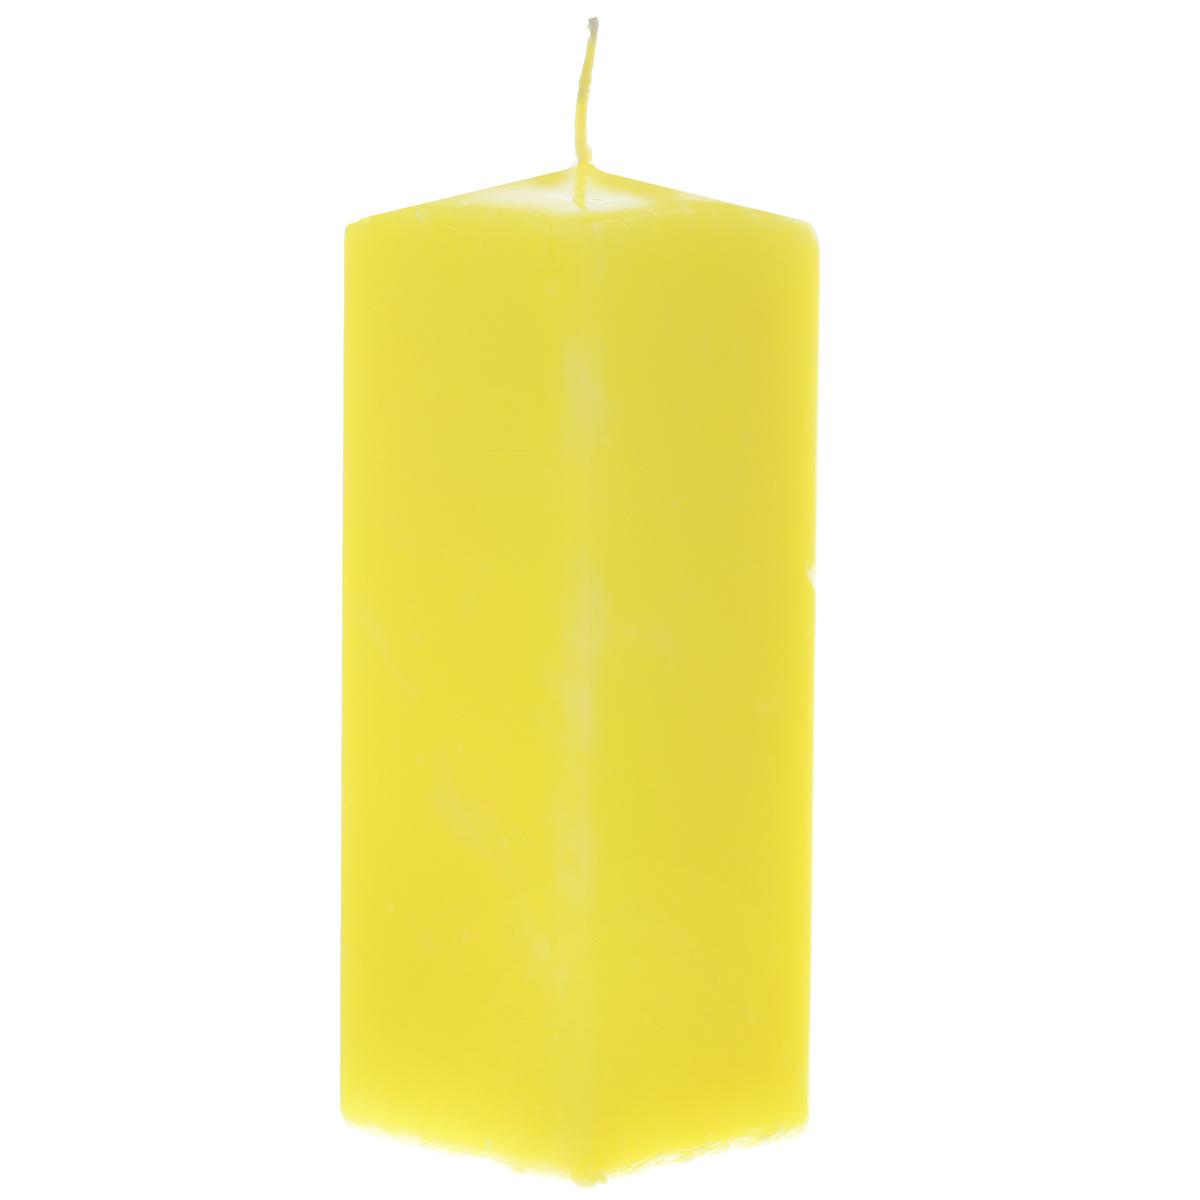 Свеча Sima-land Аромат огня, цвет: желтый, высота 15 см. 19761816050Свеча Sima-land Аромат огня выполнена из парафина в классическом стиле.Изделие порадует вас ярким дизайном. Такую свечу можно поставить в любое местои она станет ярким украшением интерьера. Свеча Sima-land Аромат огня создаст незабываемую атмосферу,будь то торжество, романтический вечер или будничный день.